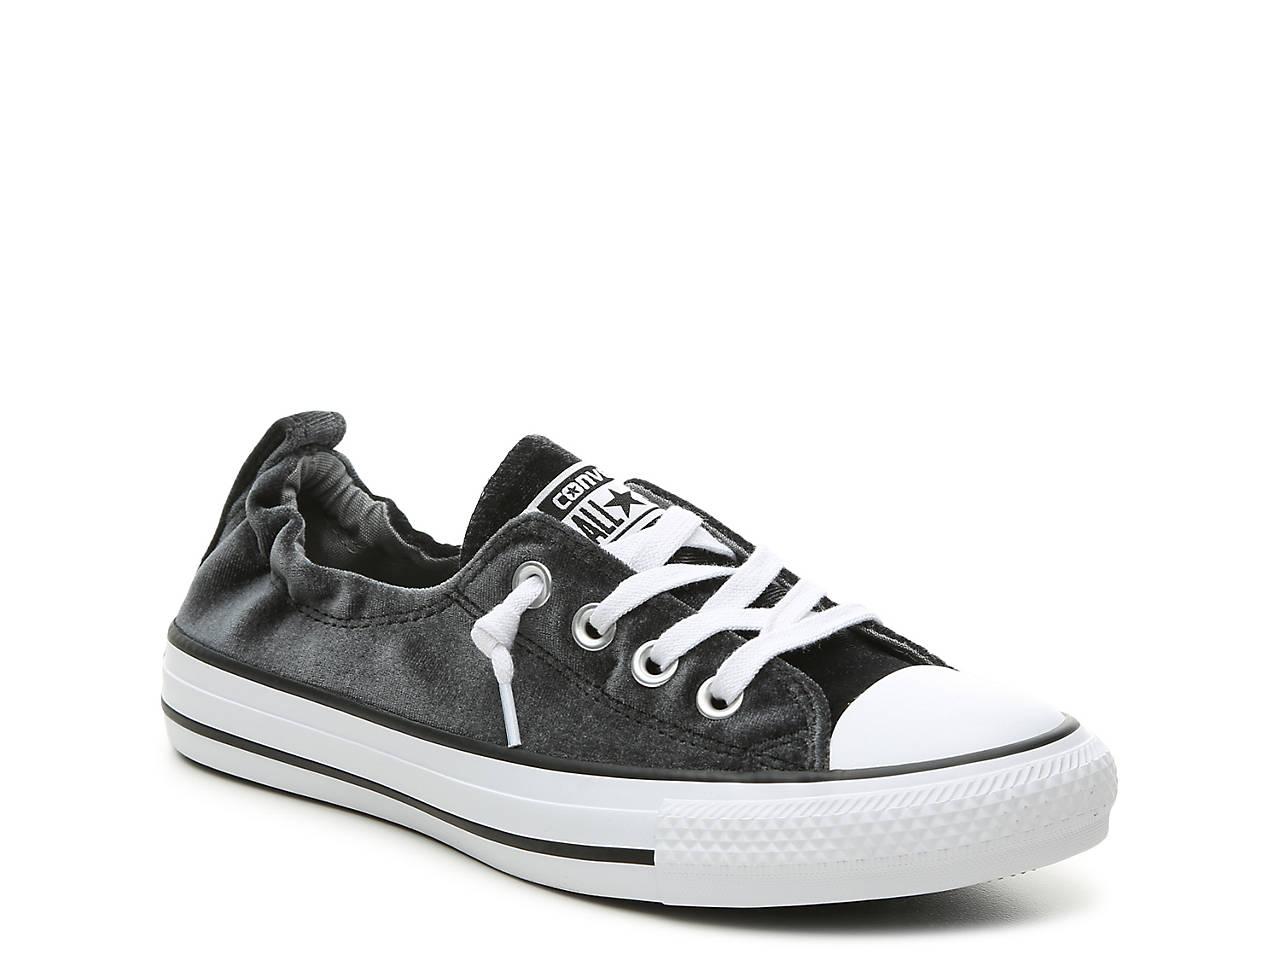 29c3410d467079 Converse Chuck Taylor All Star Shoreline Velvet Slip-On Sneaker ...